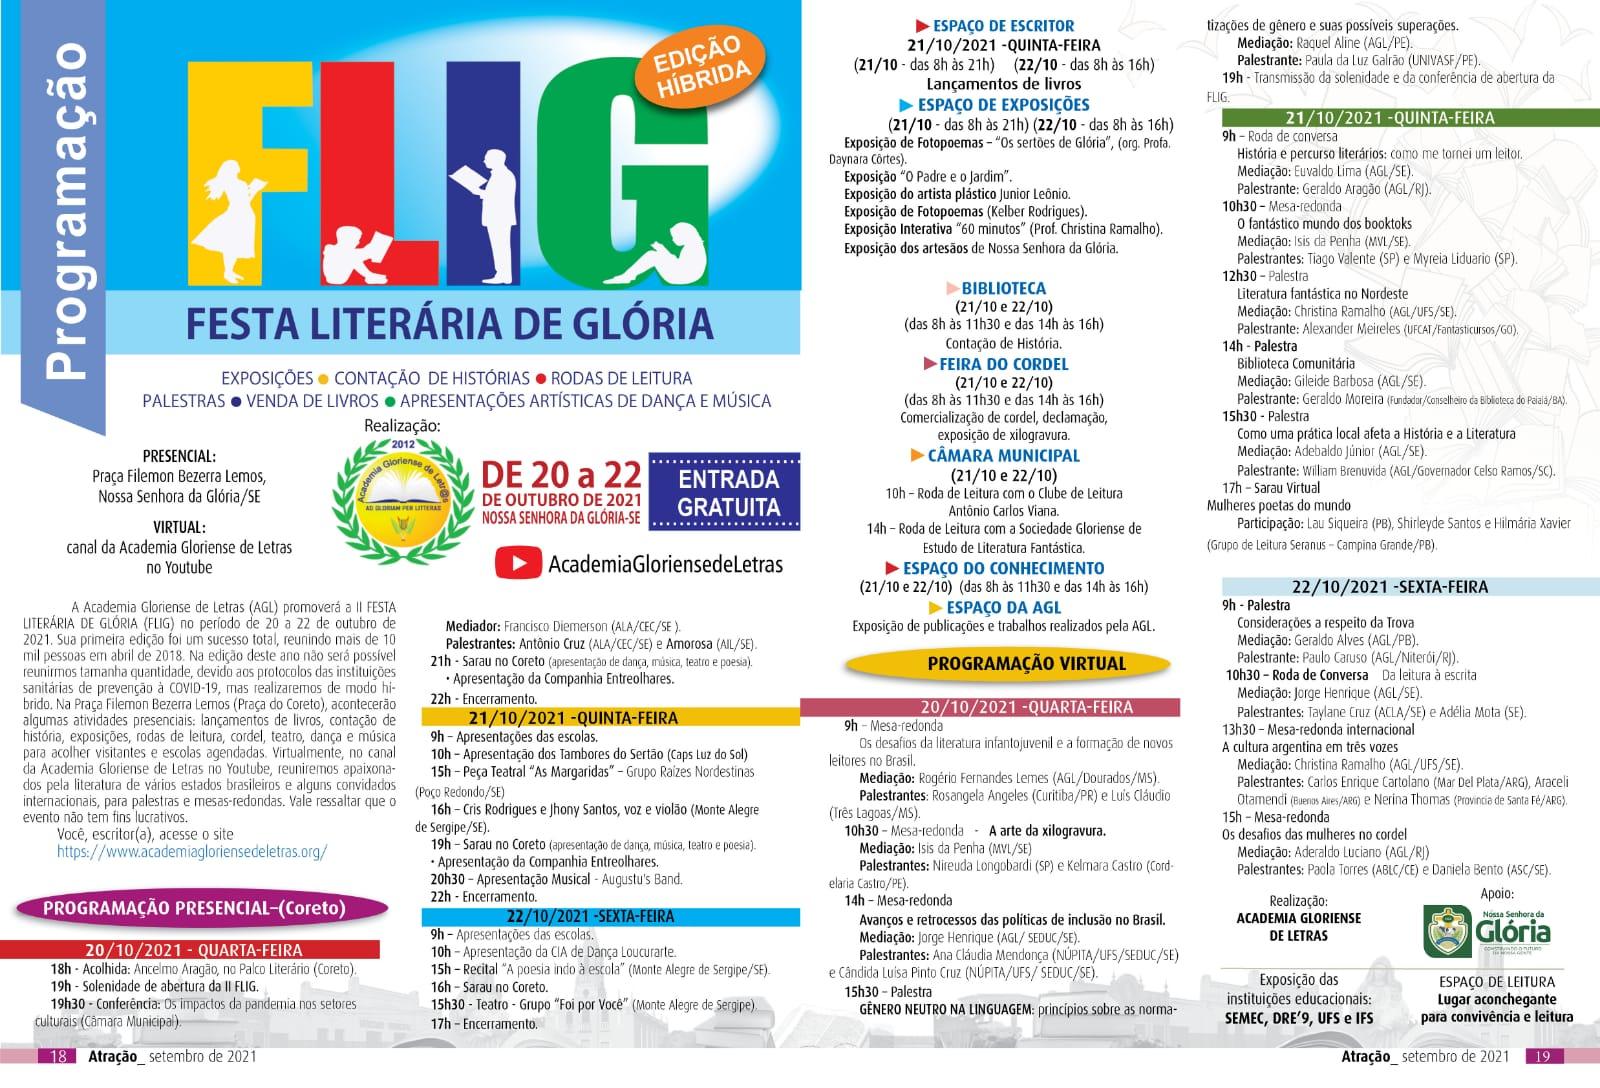 Sertão sergipano se prepara para a Feira Literária de Glória